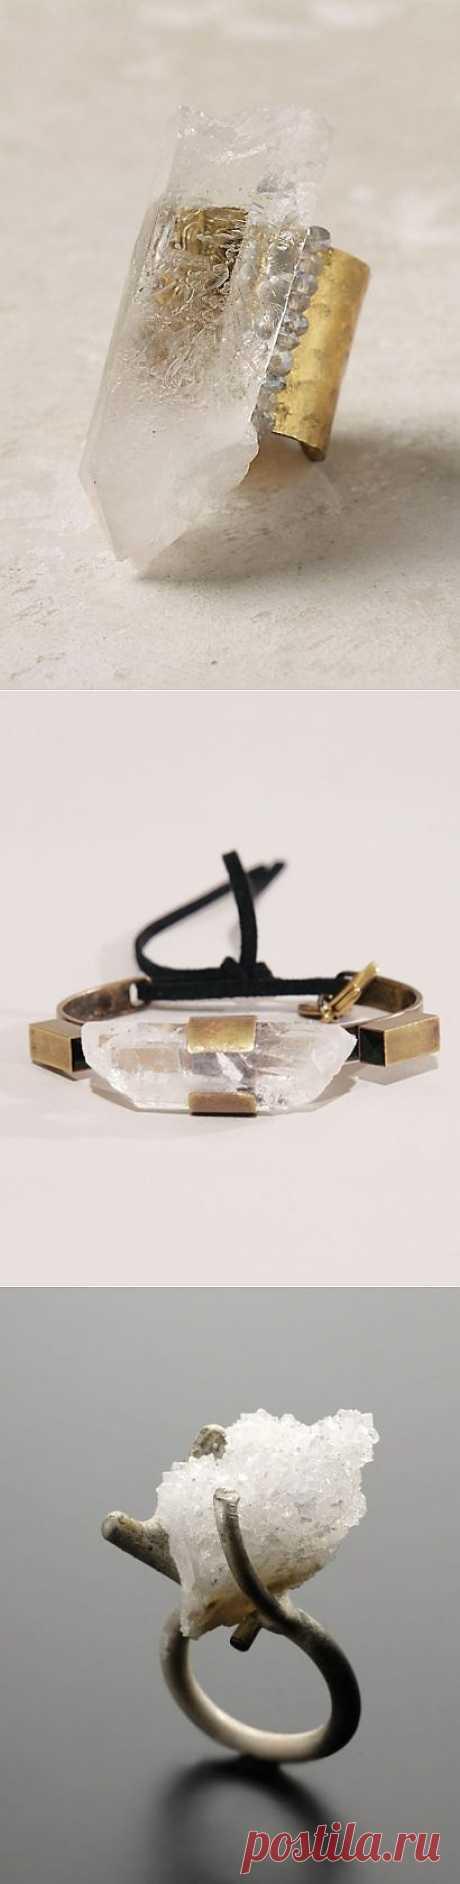 Украшения с необработанными кристаллами (трафик) / Ювелирные украшения / Модный сайт о стильной переделке одежды и интерьера